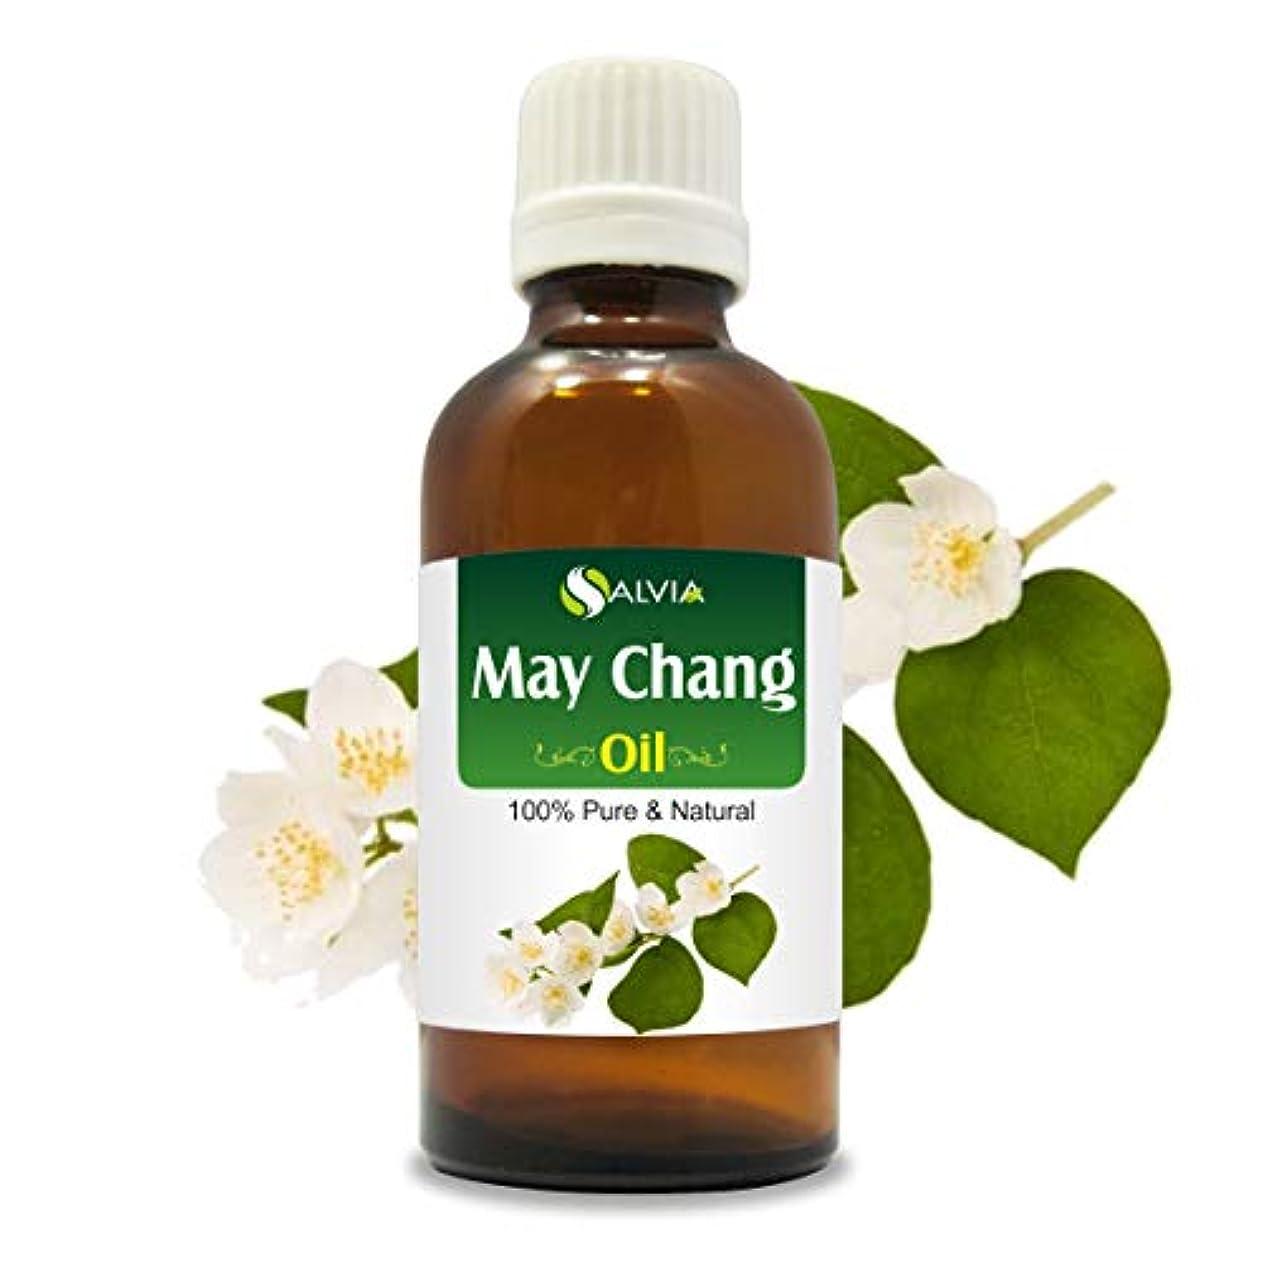 高揚した真実に熱心May Chang (Litsea Cubeba) Oil (Litsea cubeba) 100% Natural Pure Undiluted Uncut Essential Oil 30ml